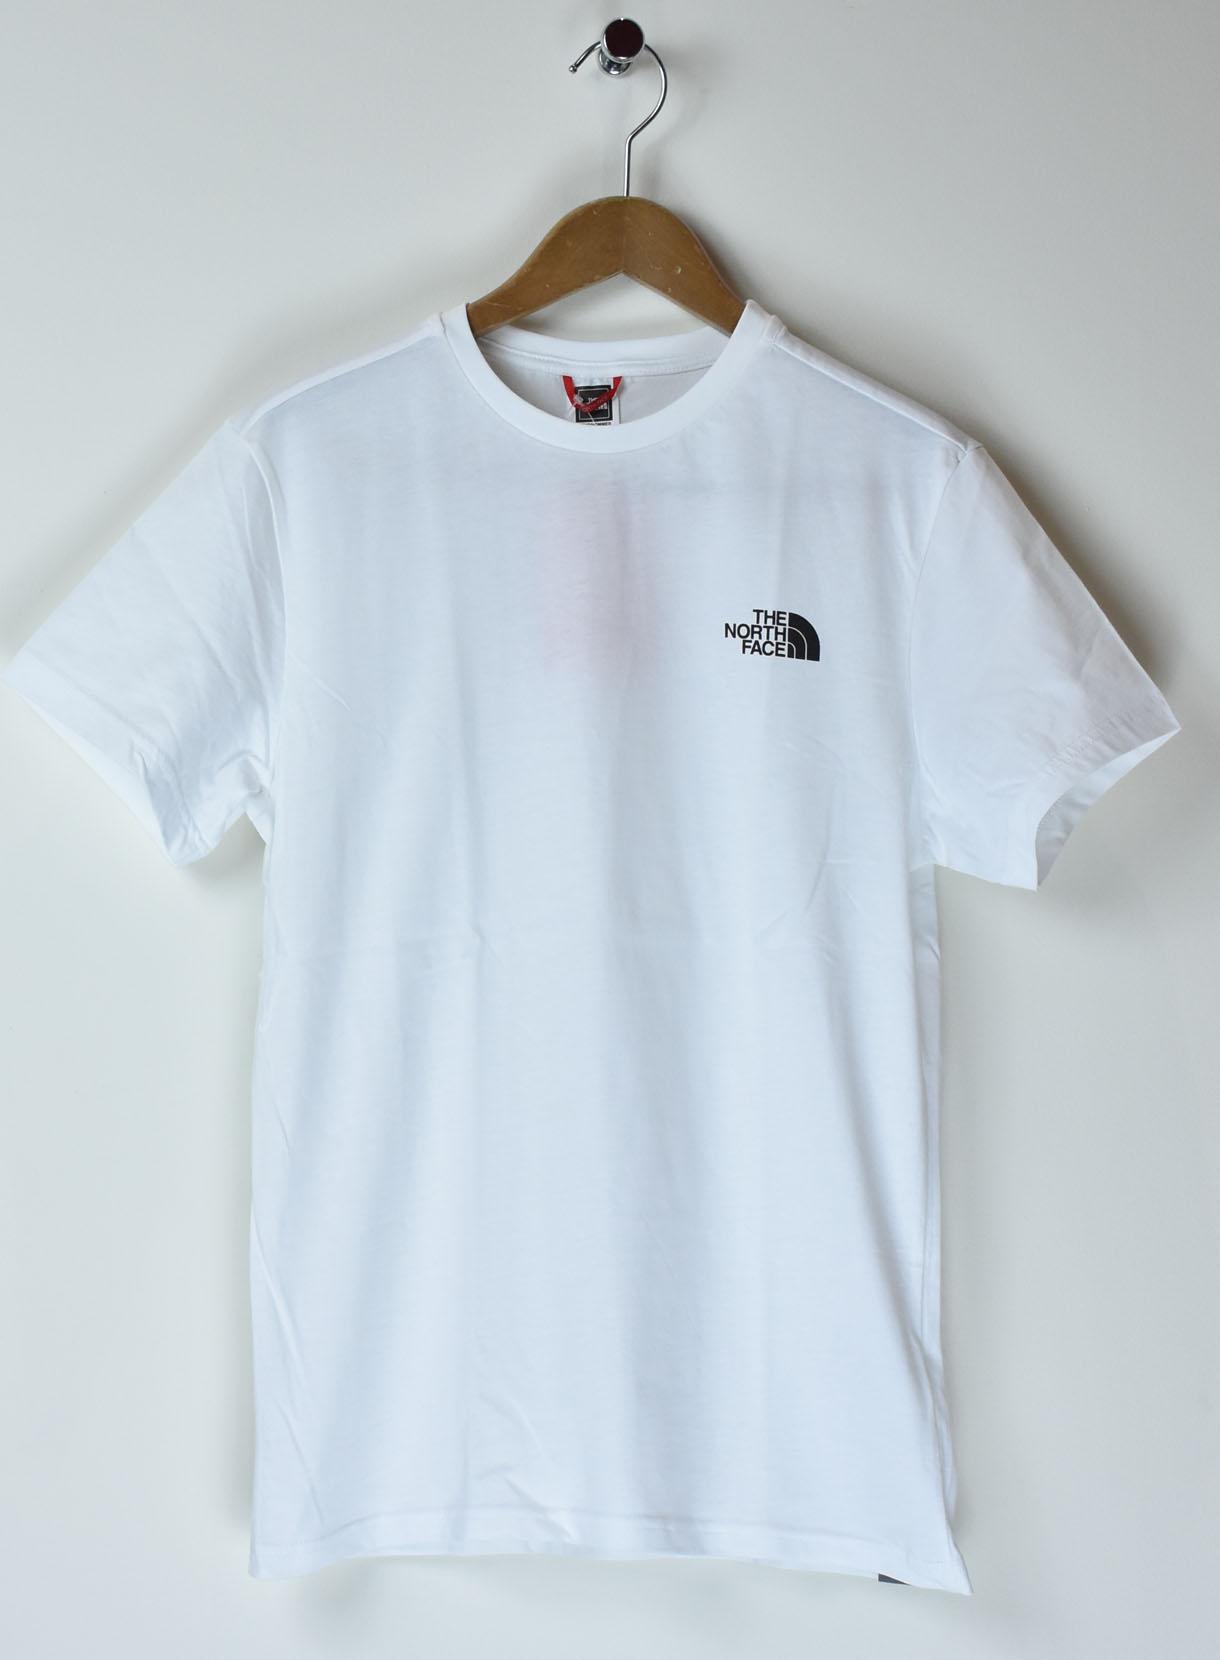 THE NORTHFACE シンプルTシャツ